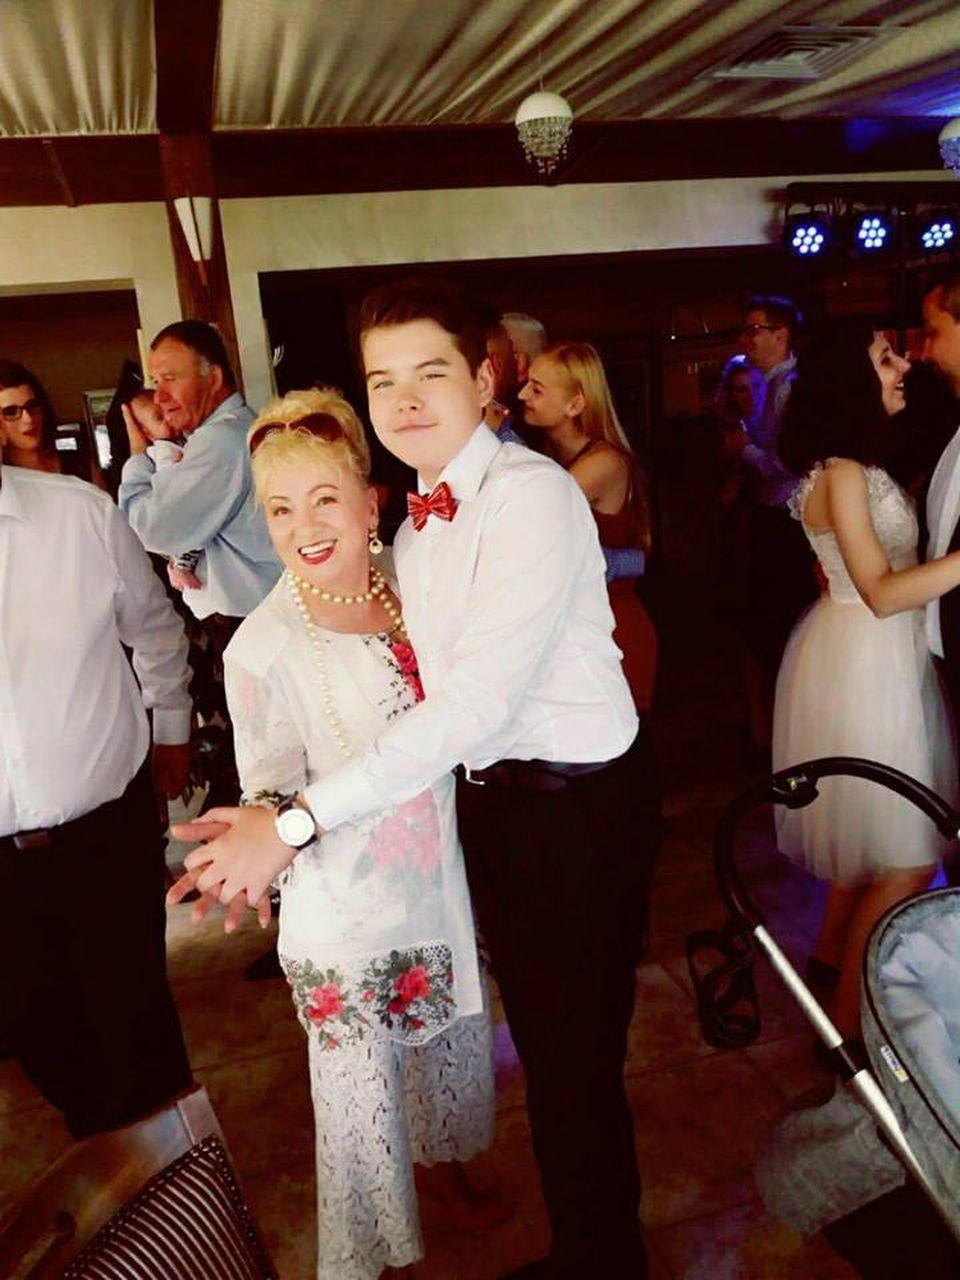 O celebra solista de muzica populara este maritata cu un politician! Vezi ce avere are Sava Negrean Brudascu!